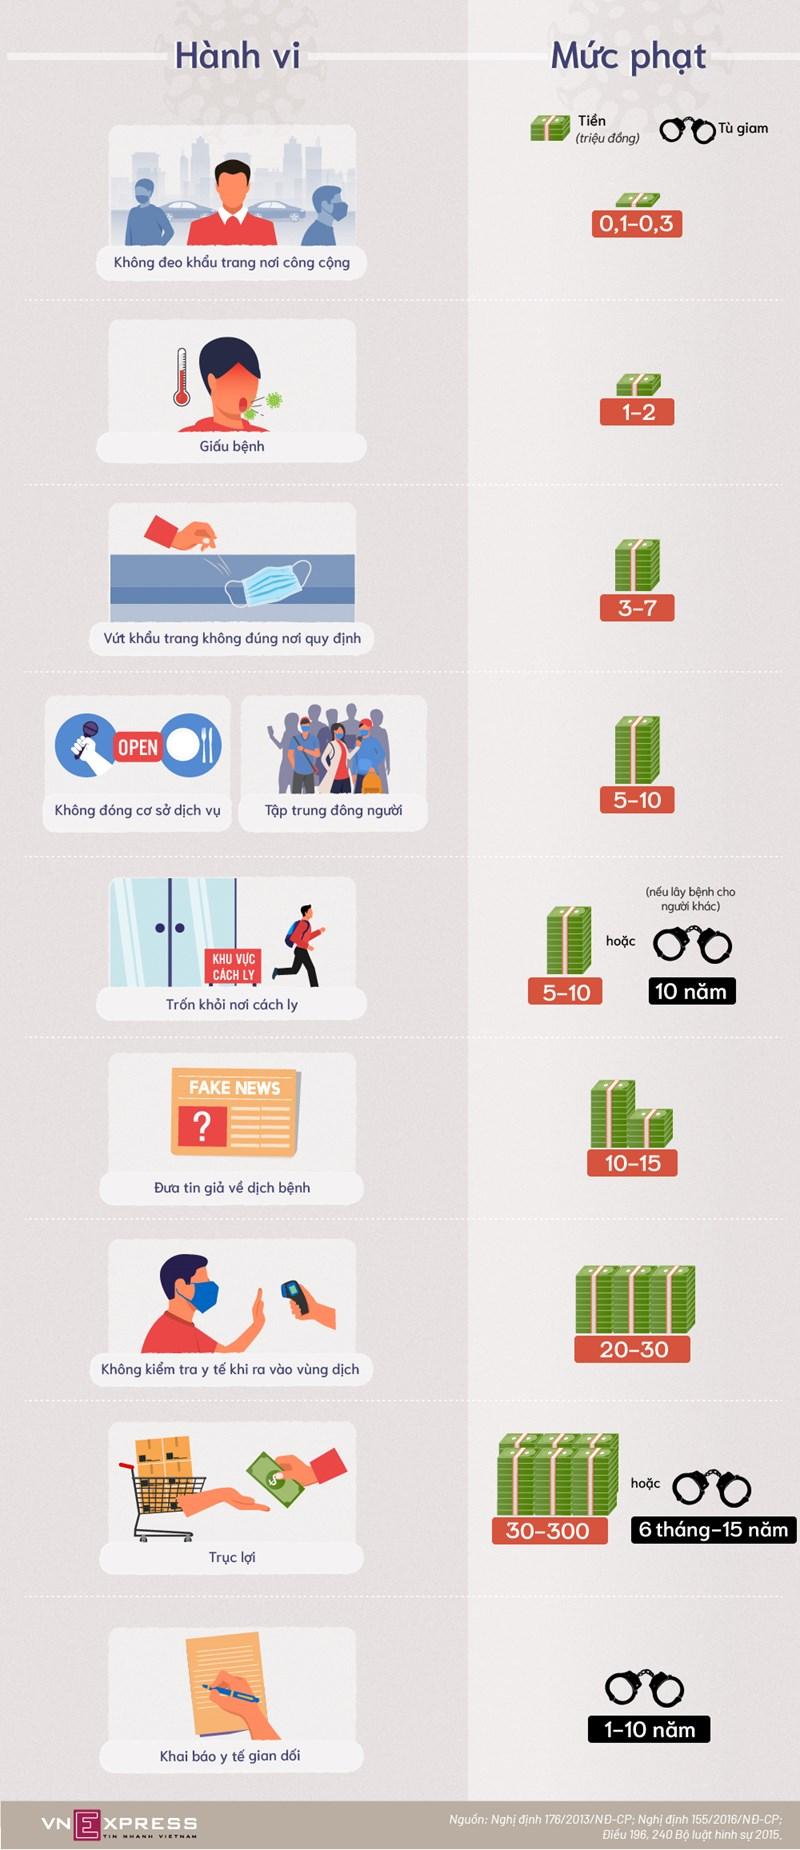 [Infographics] 10 hành vi bị phạt trong Covid-19  - Ảnh 1